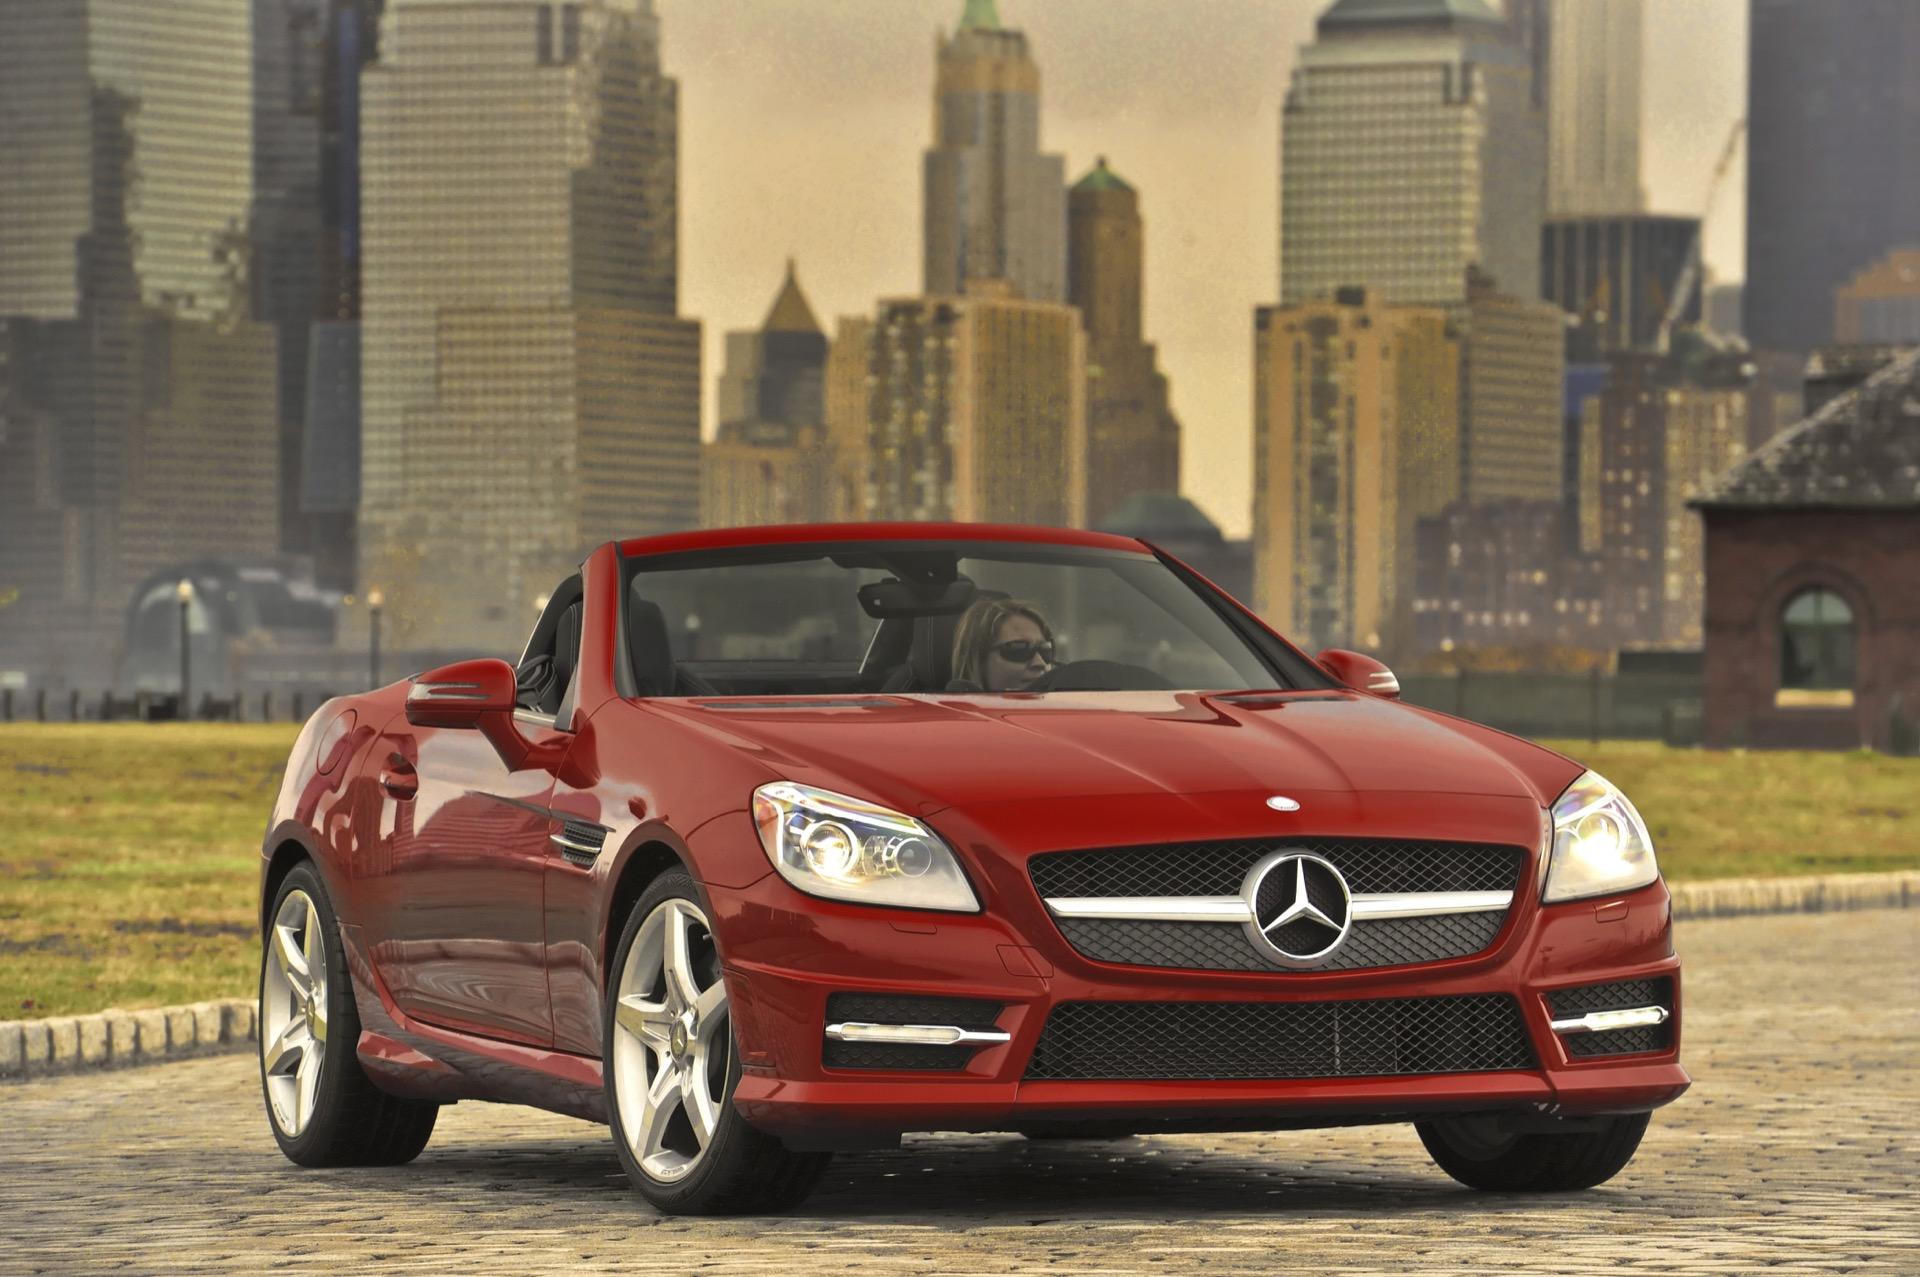 2016 mercedes benz slk class review ratings specs for Mercedes benz south atlanta service